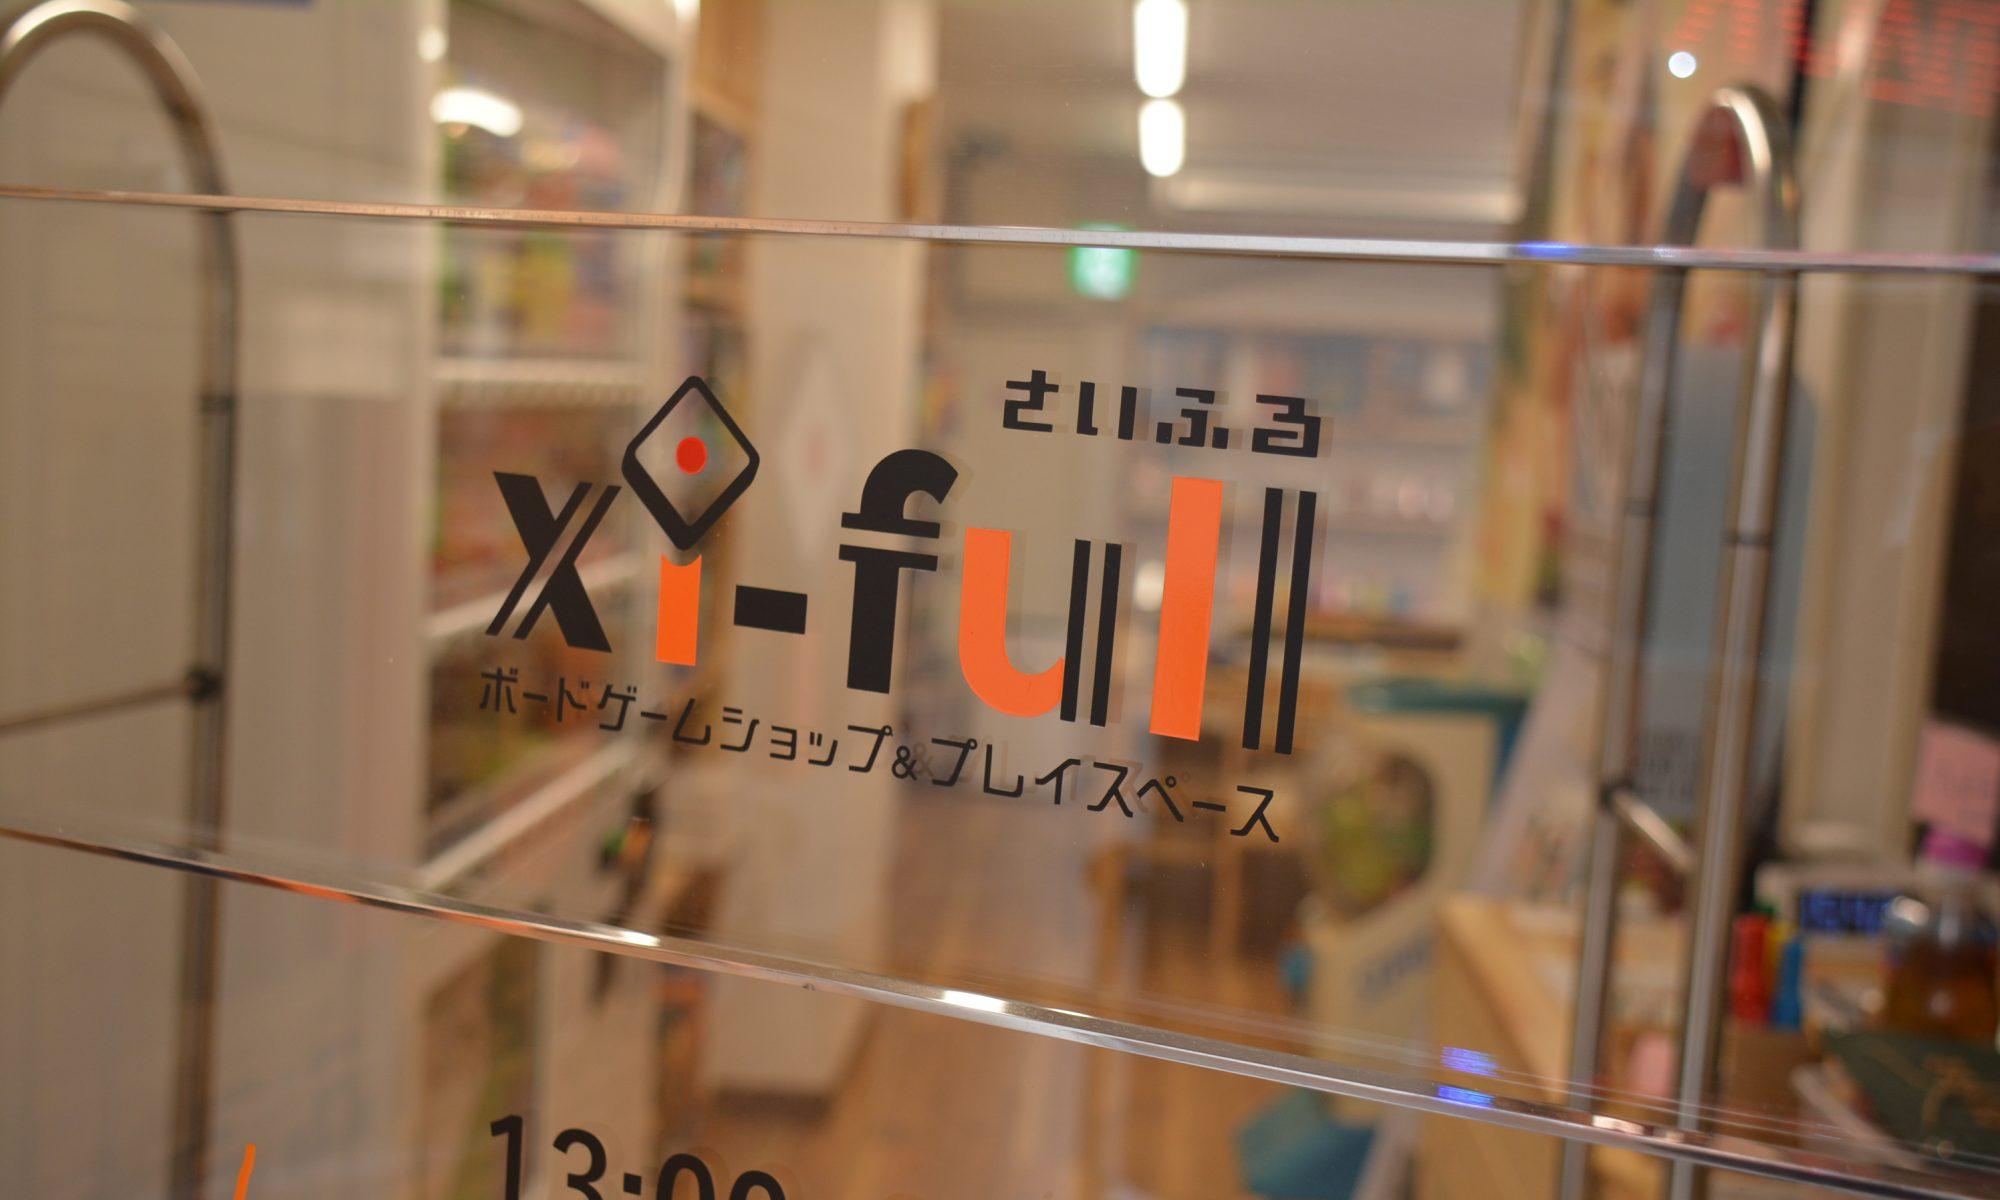 ボードゲームショップ&プレイスペース さいふる【xi-full】